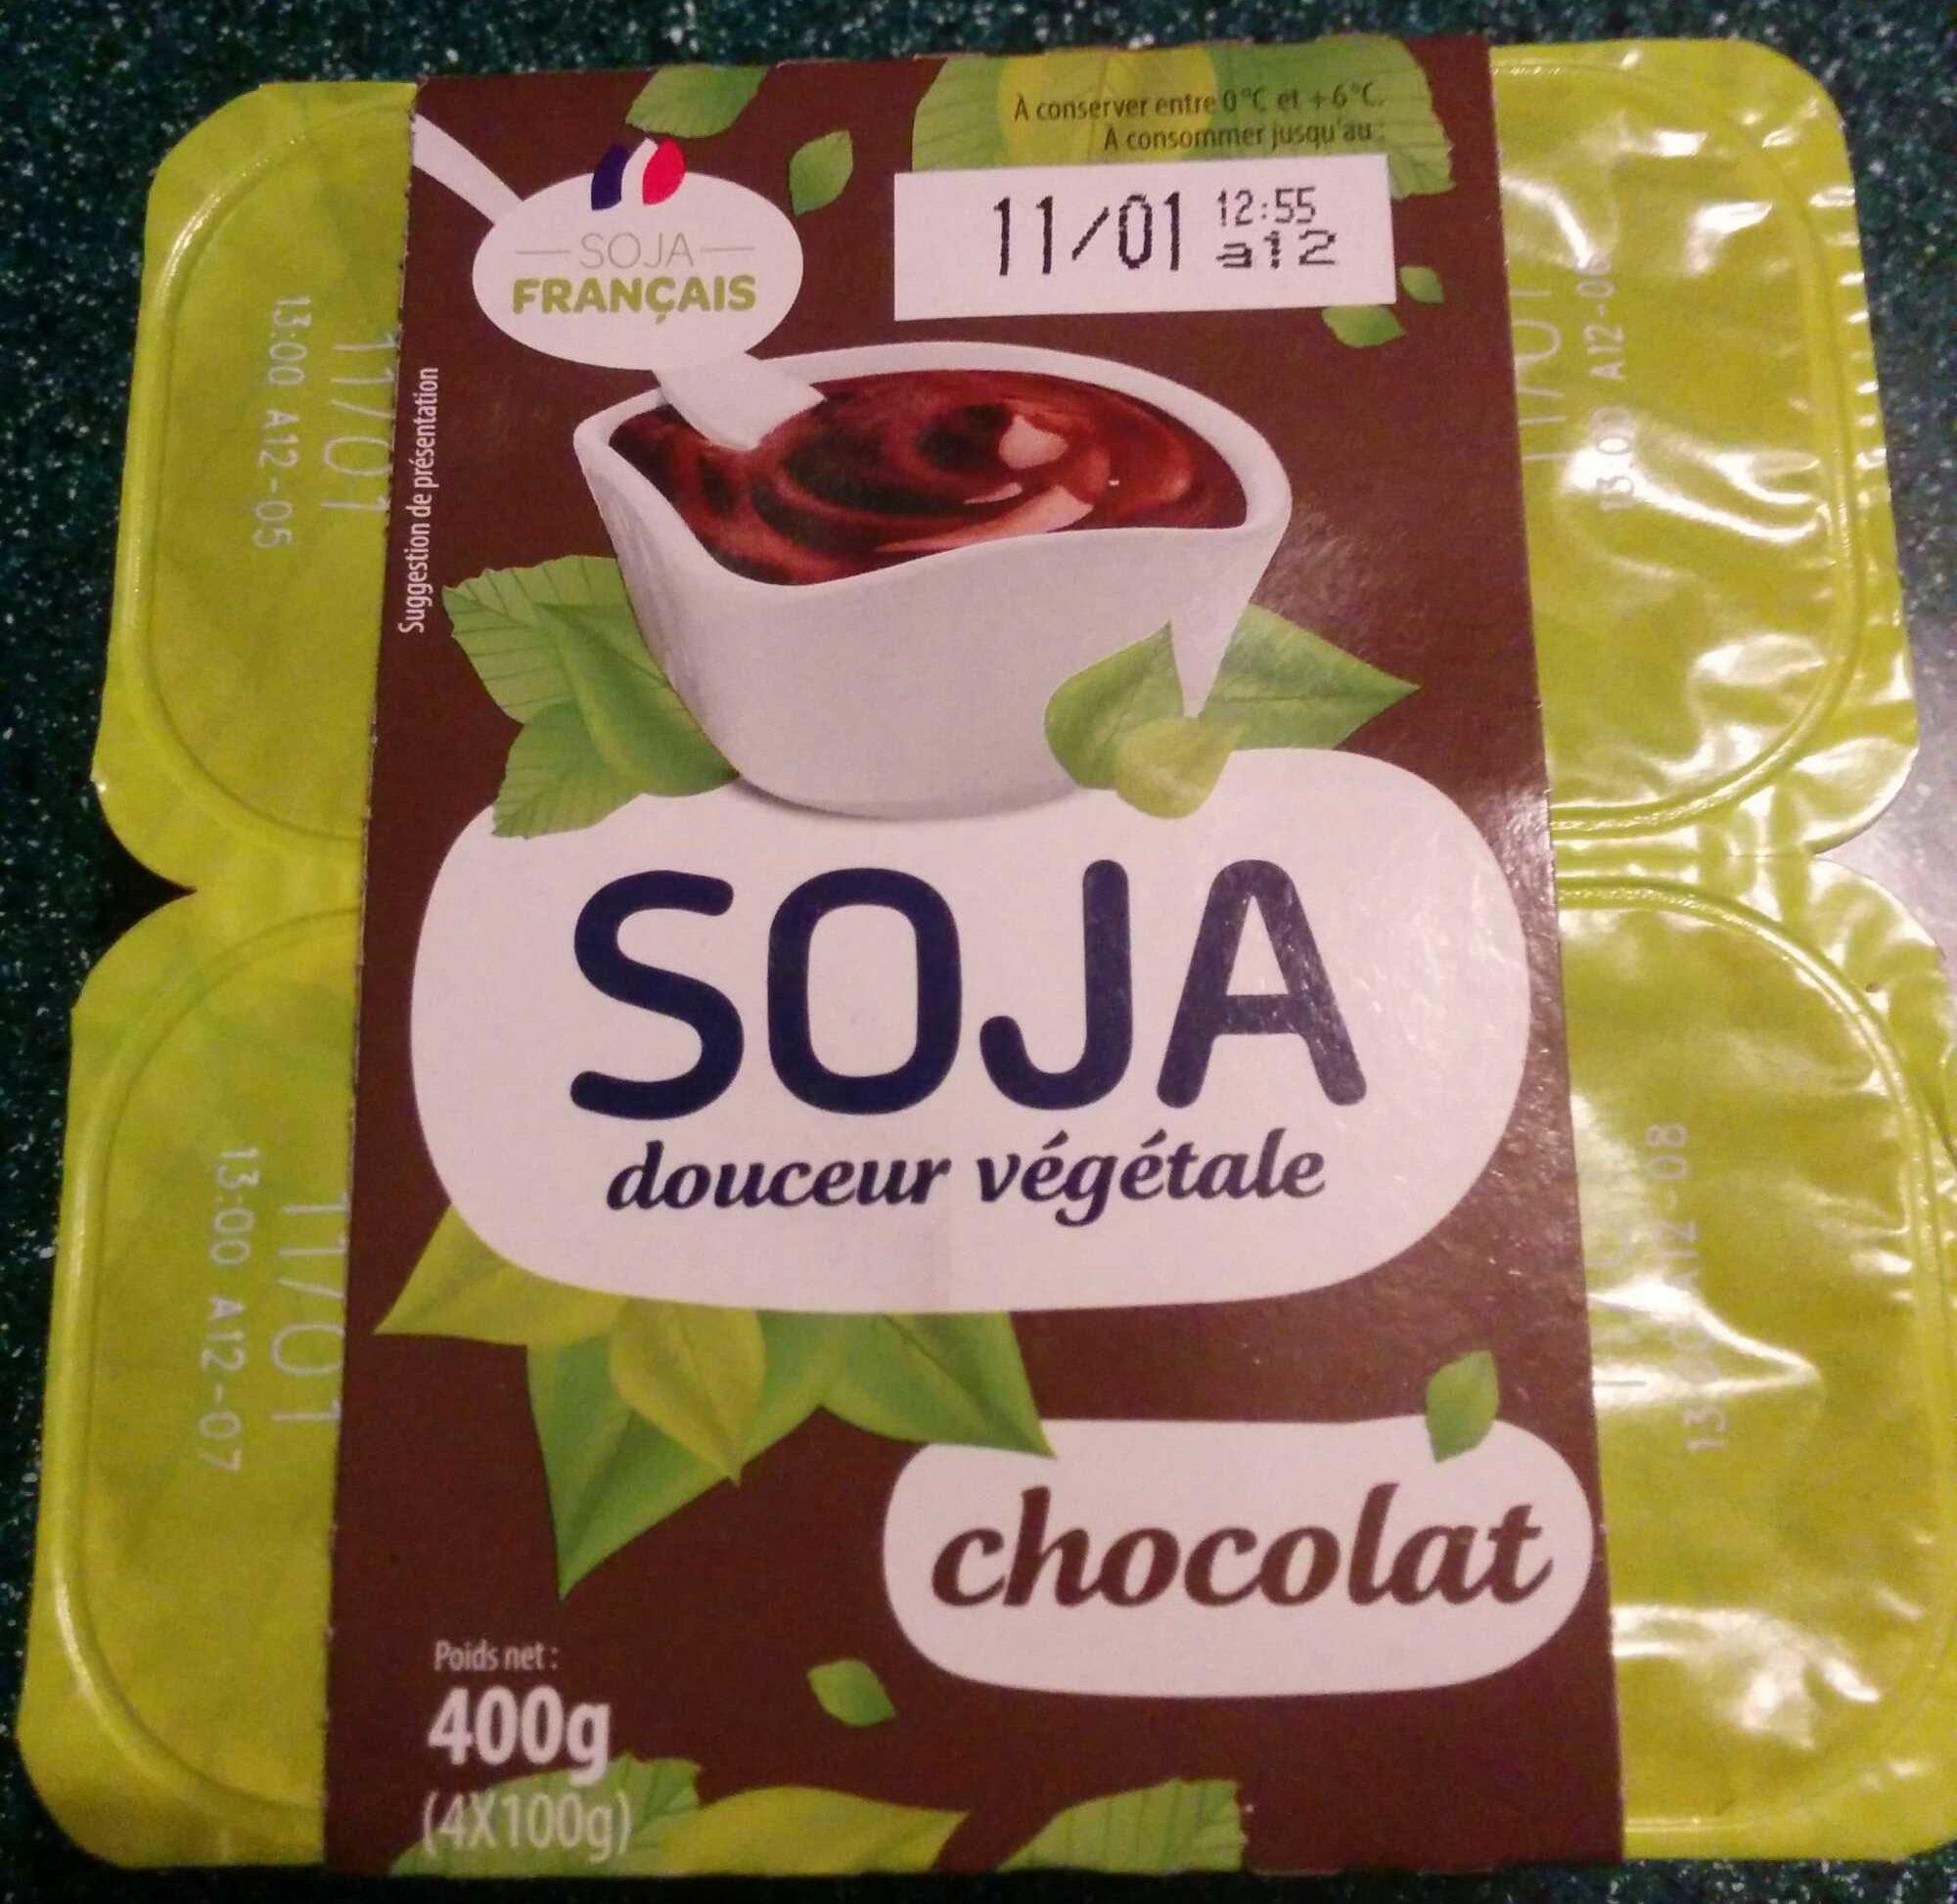 Soja douceur végétale chocolat - Produit - fr